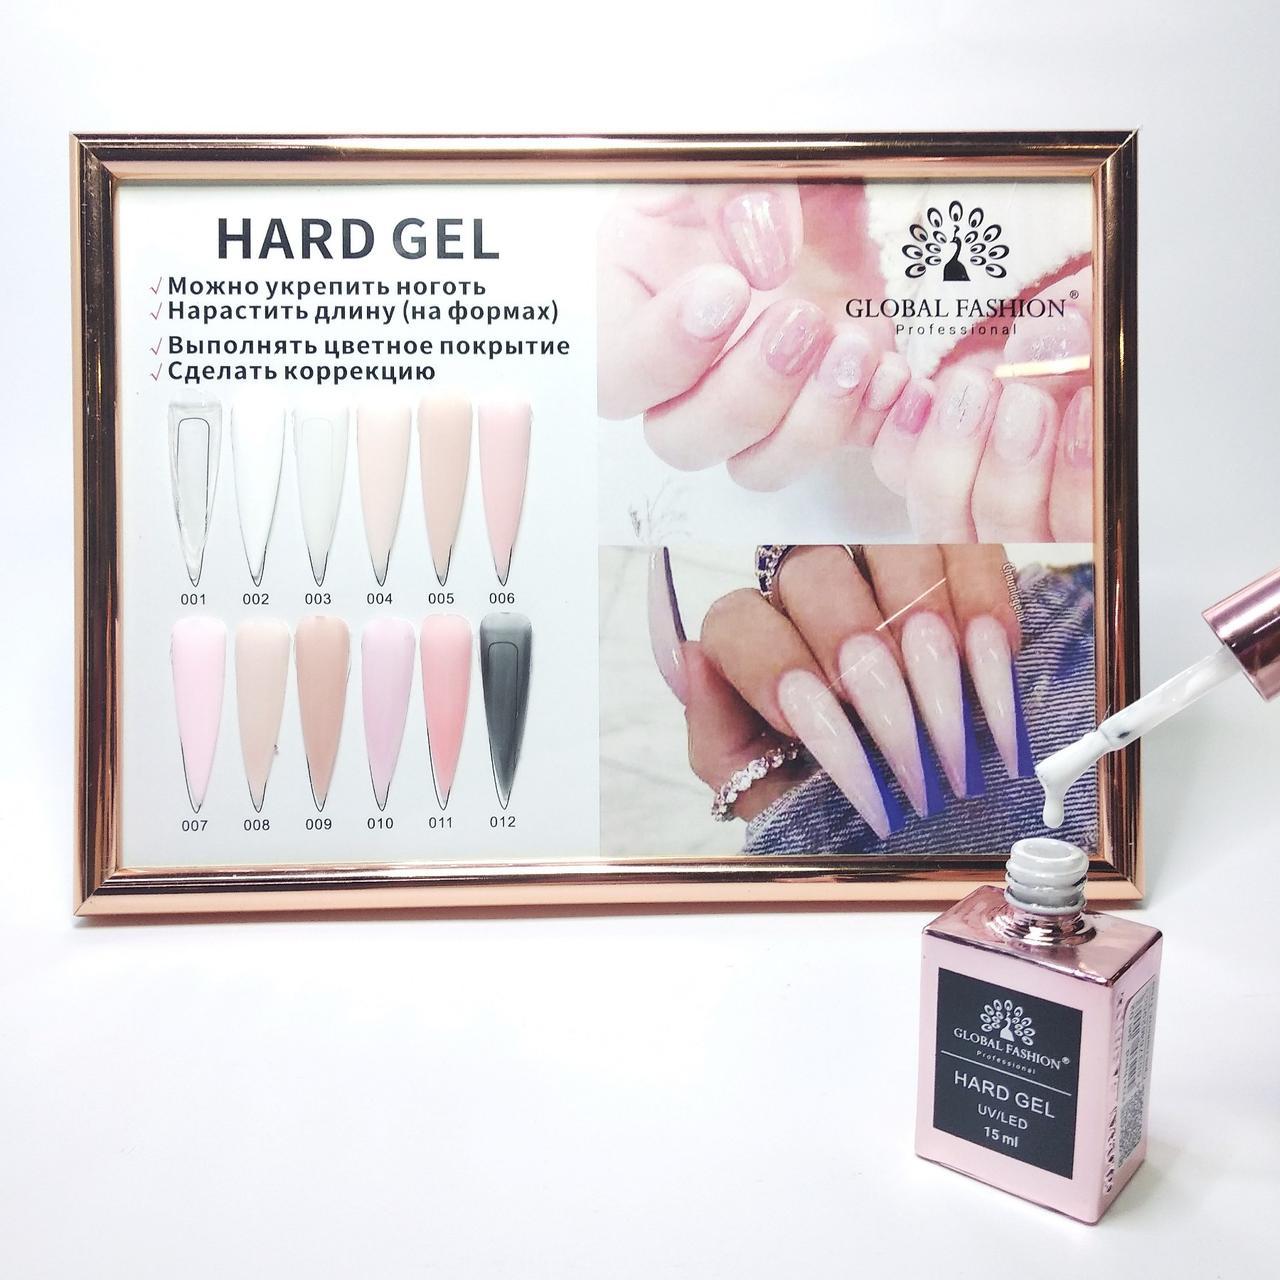 Гель для нарощування і зміцнення нігтів Global Fashion Gel Hard №02 білий